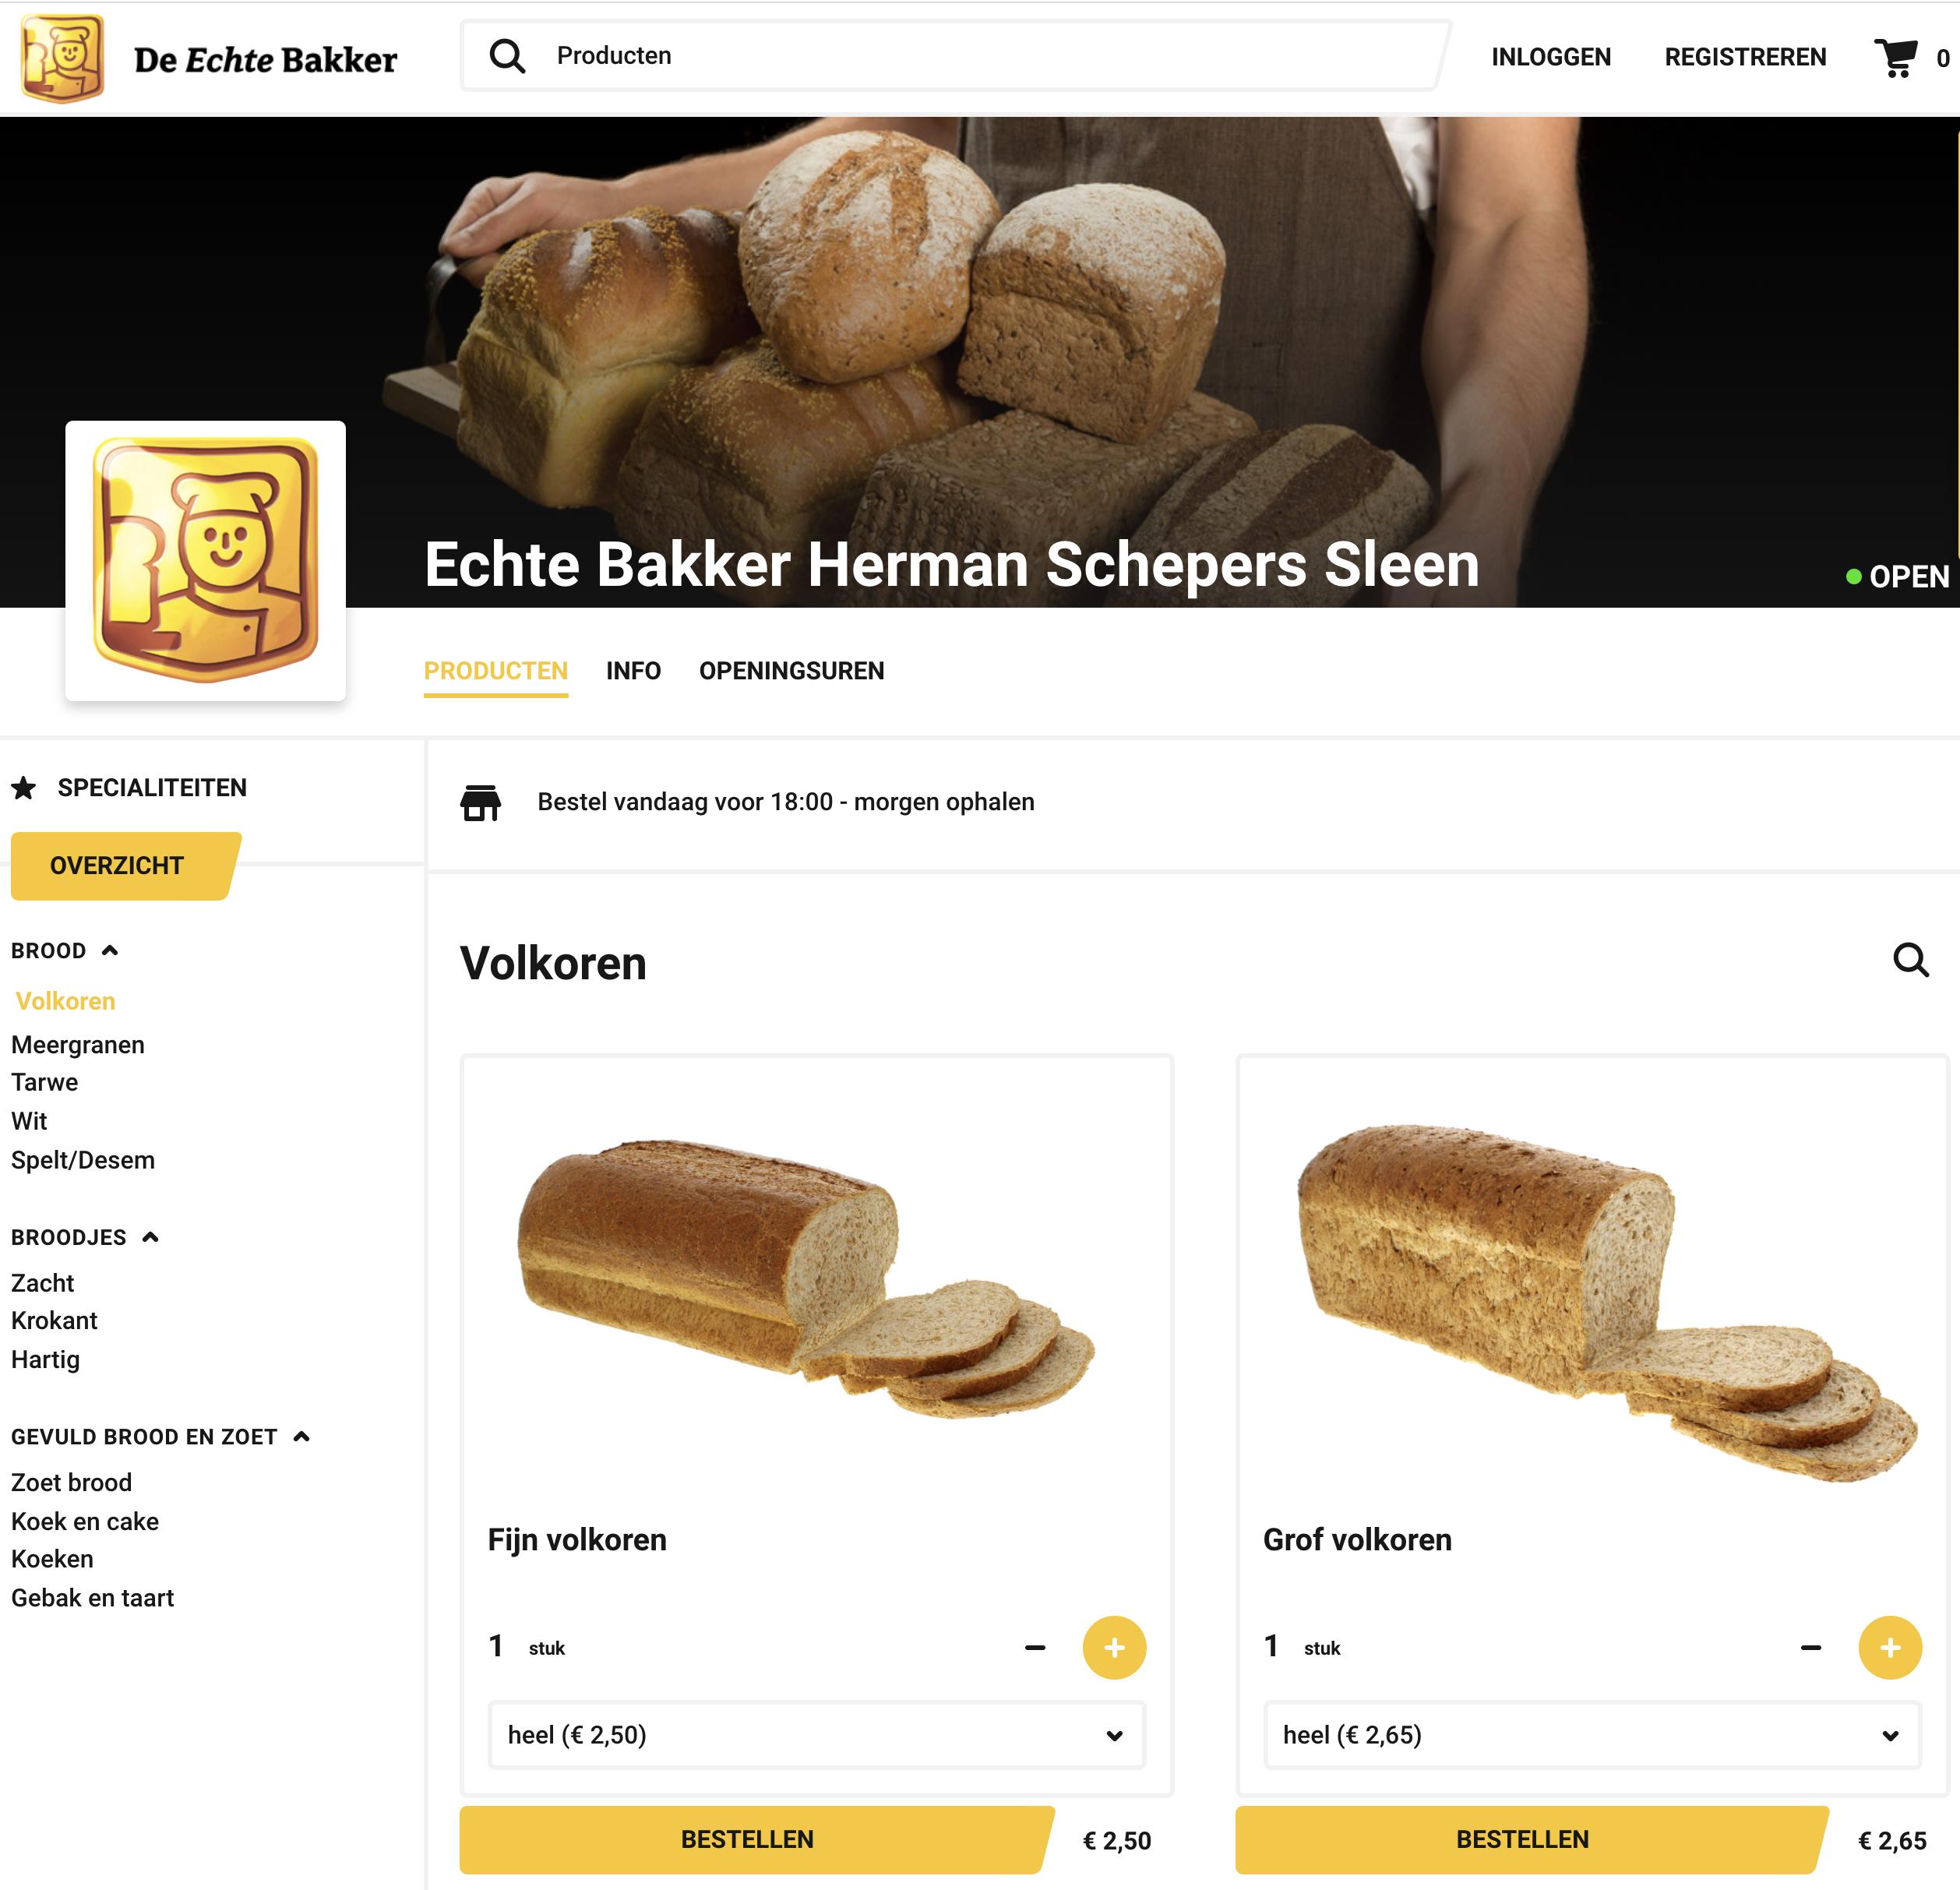 Producten in de webshop